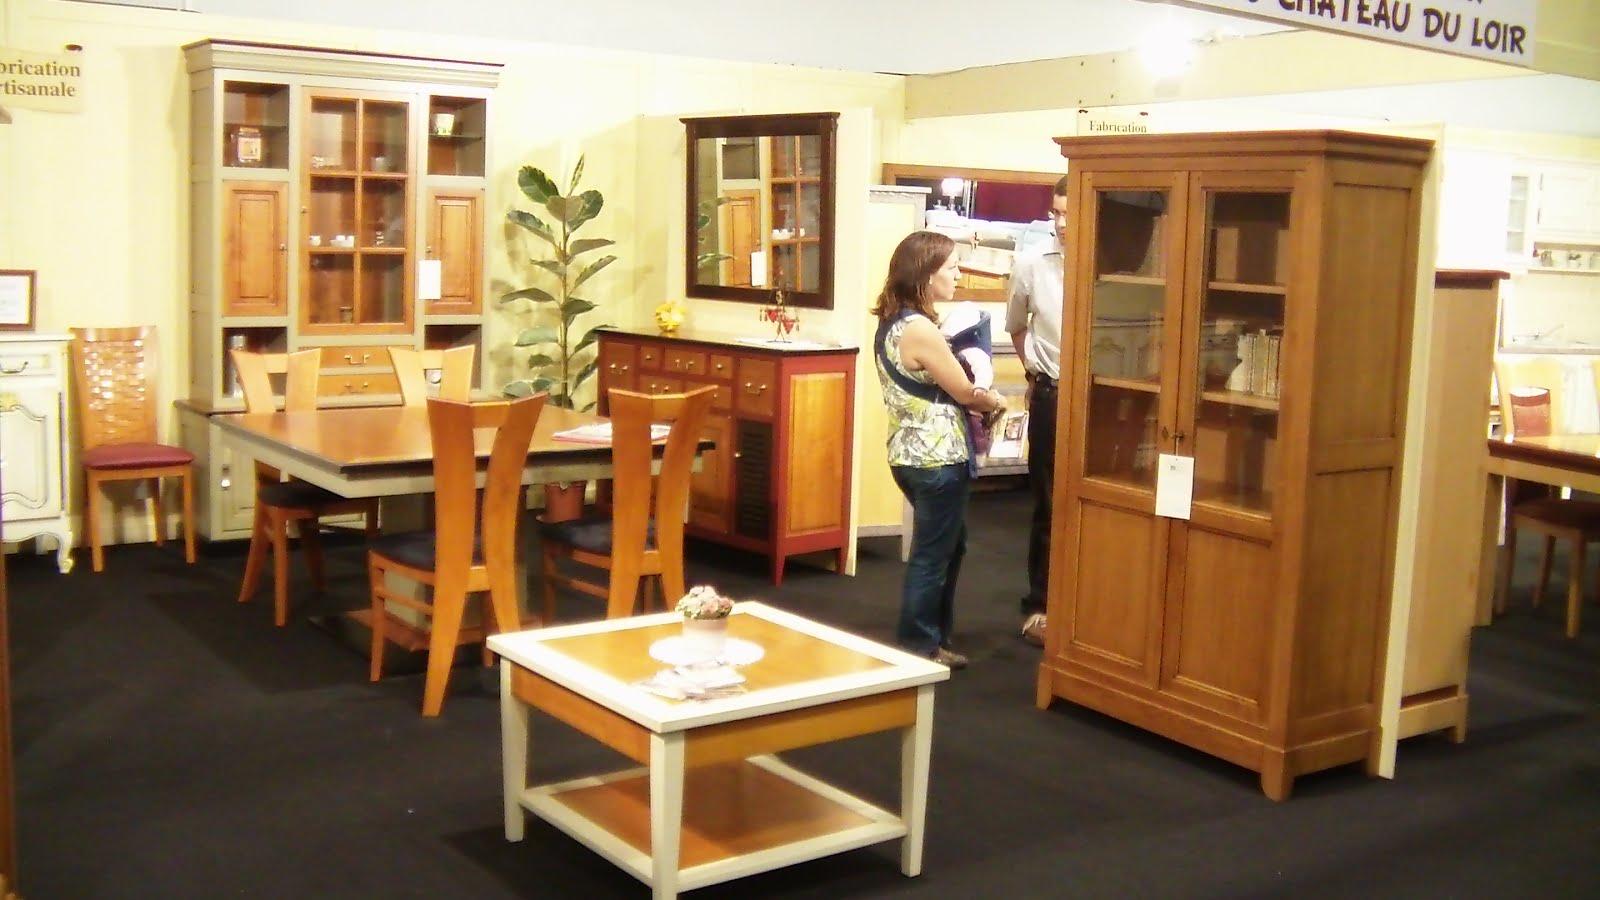 du bois duffour du meuble info. Black Bedroom Furniture Sets. Home Design Ideas